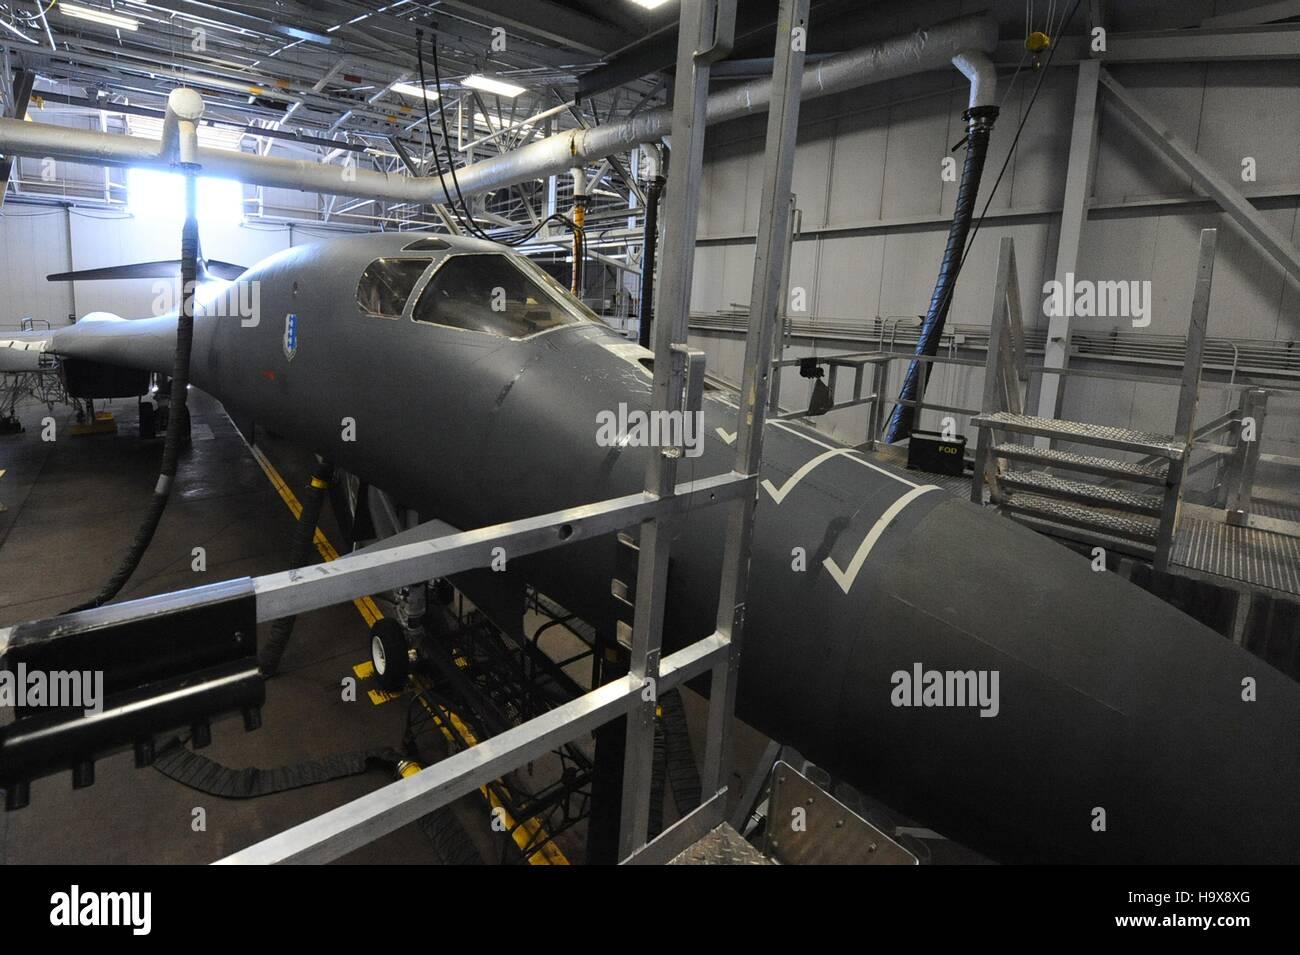 Ein B-1 b Lancer strahlgetriebenen schwere strategische Bomber Flugzeug sitzt in einem Hangar für eine Inspektion Stockbild